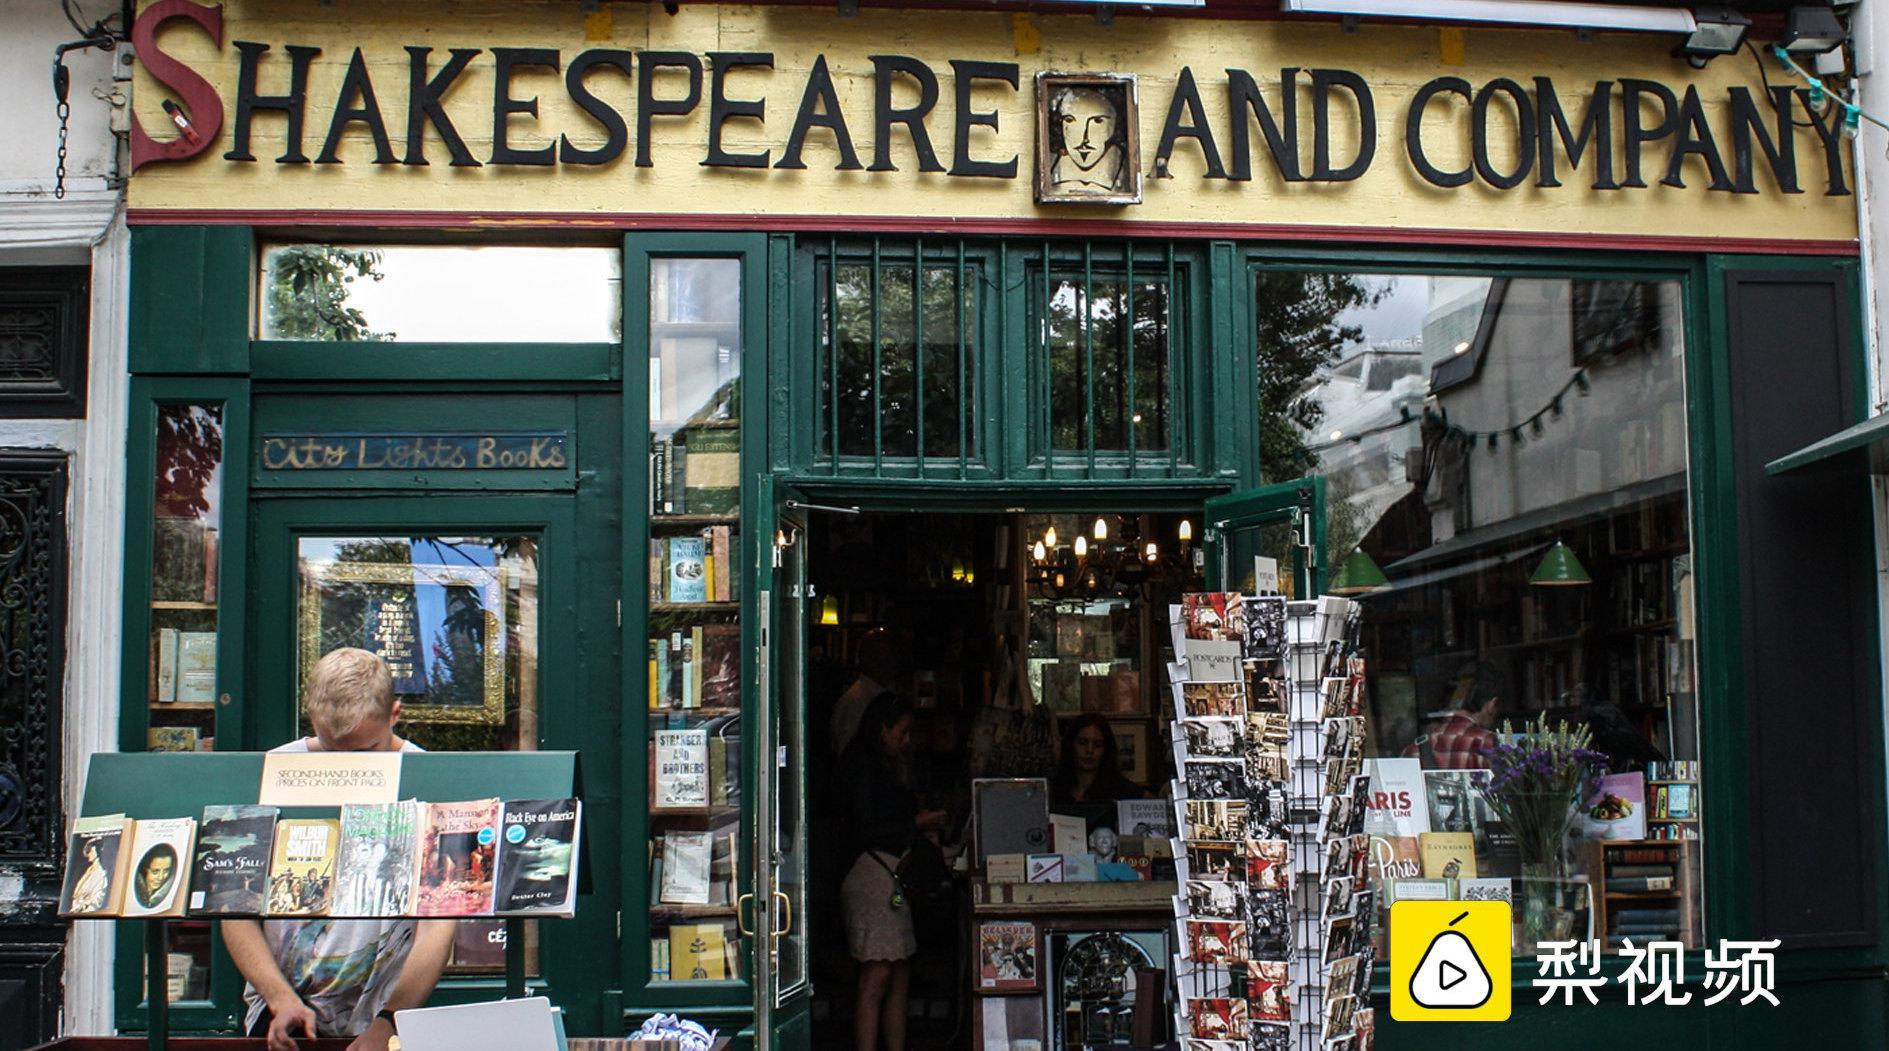 巴黎地标书店百年来首次向读者求助 ,读者纷纷伸出援手